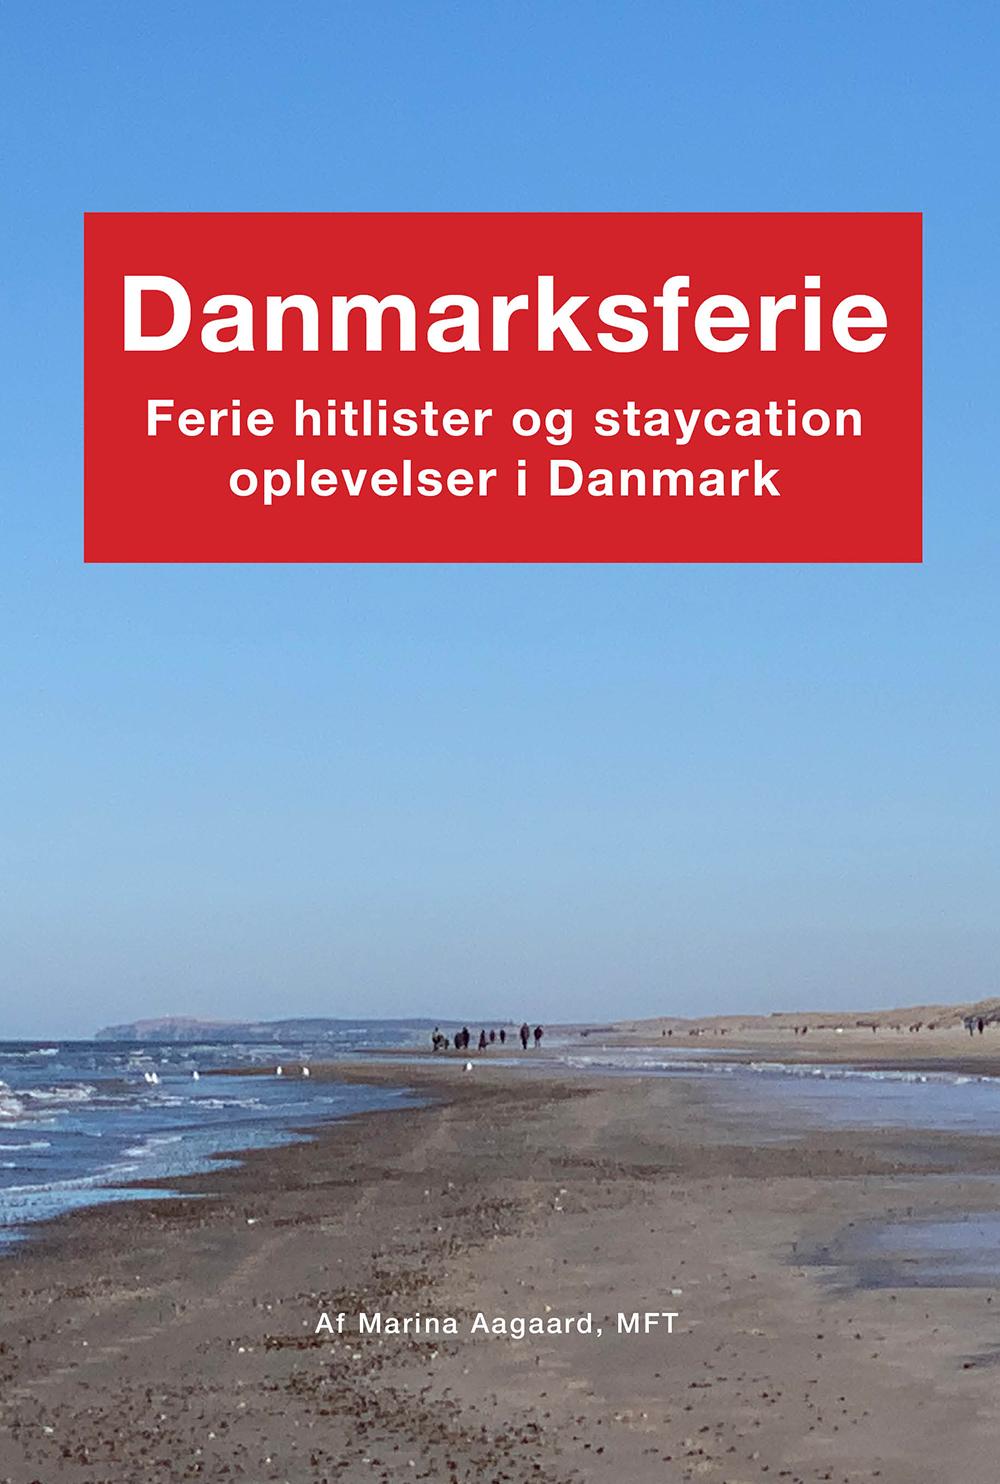 Danmarksferie ferie hitlister staycation oplevelser Danmark Marina Aagaard blog